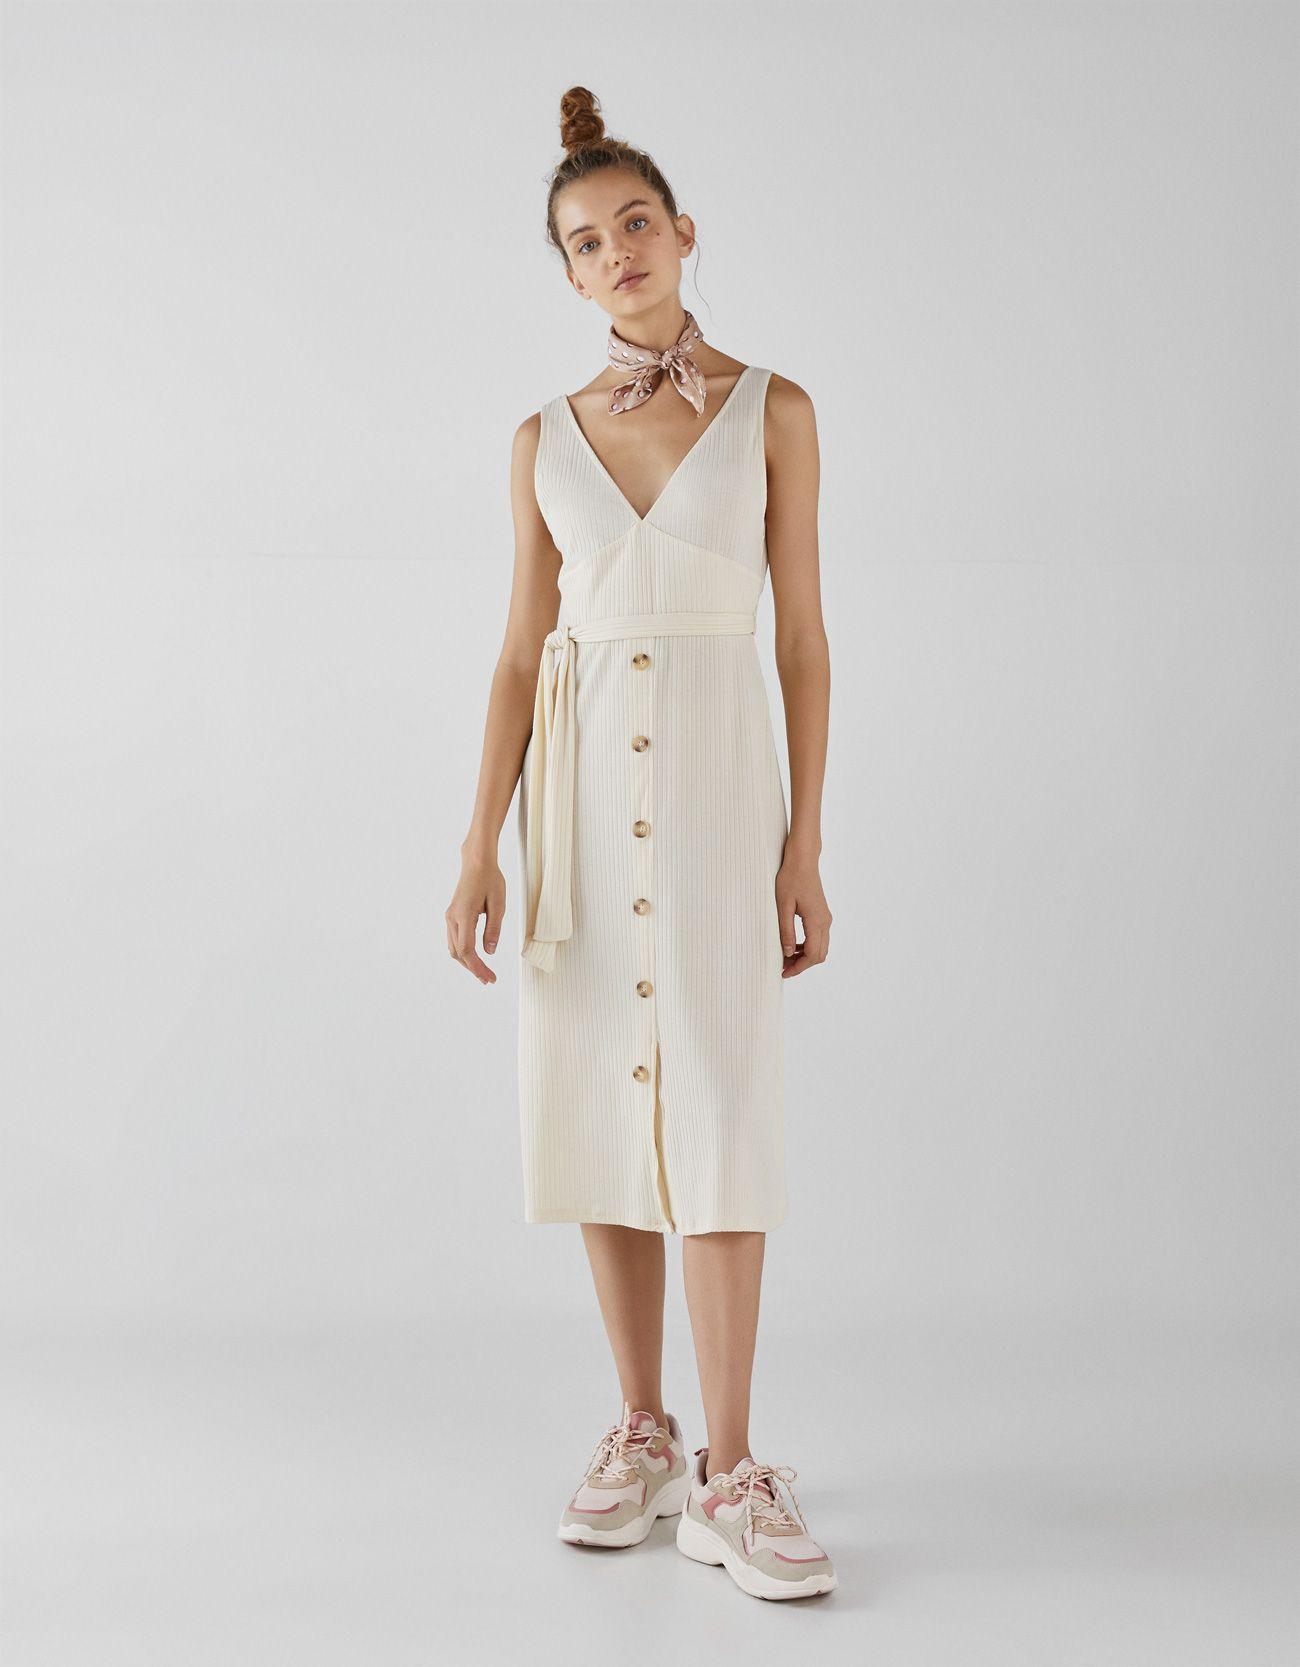 Vestido blanco sara carbonero